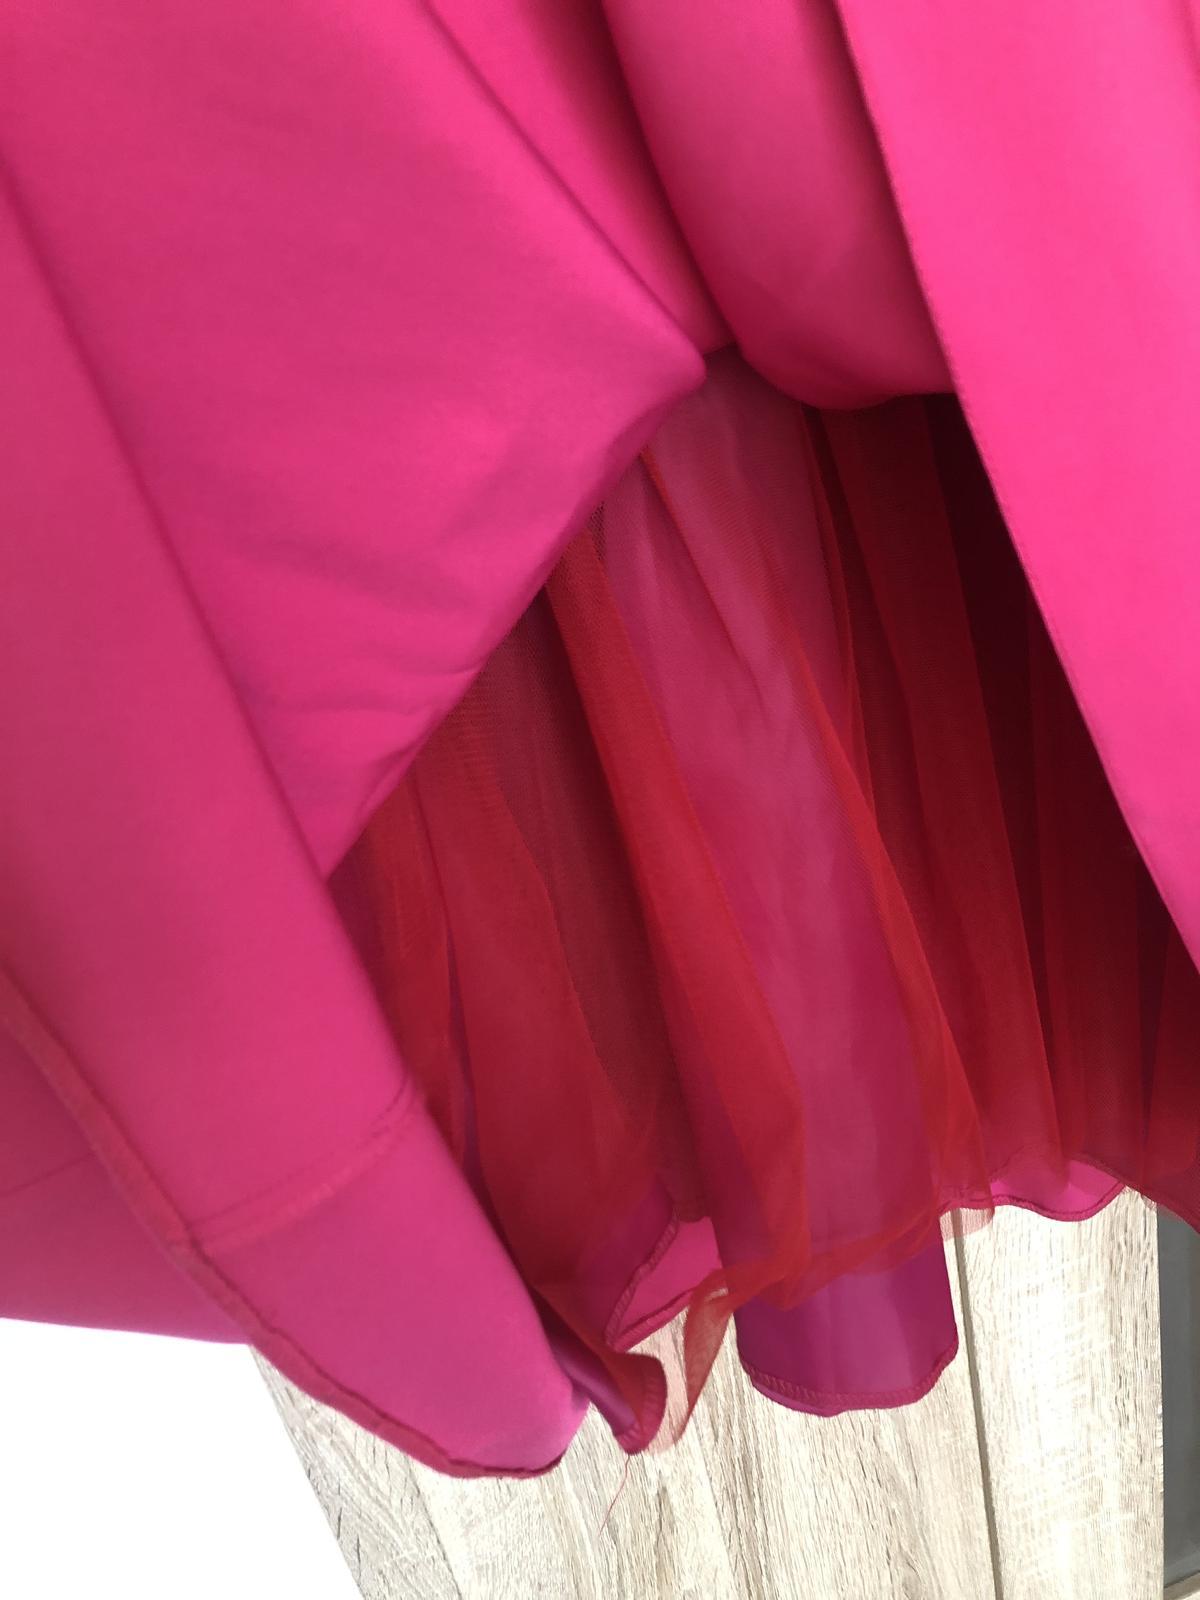 Cyklamenova dlha sukňa  - Obrázok č. 2